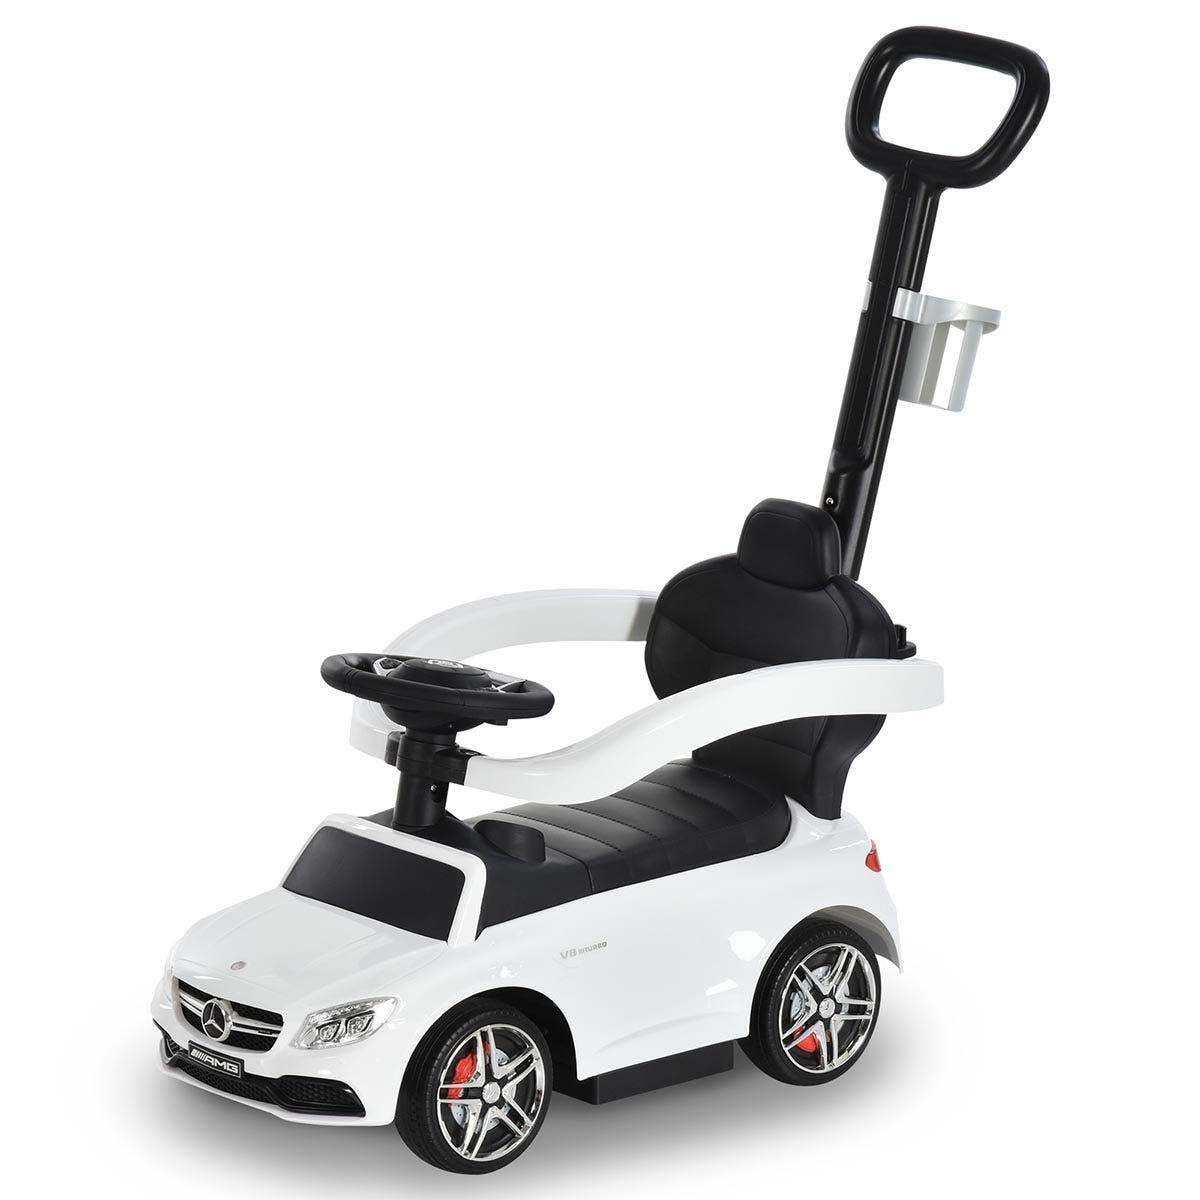 Reiten Kids Mercedes-Benz Ride-On Stroller Car with Storage - White